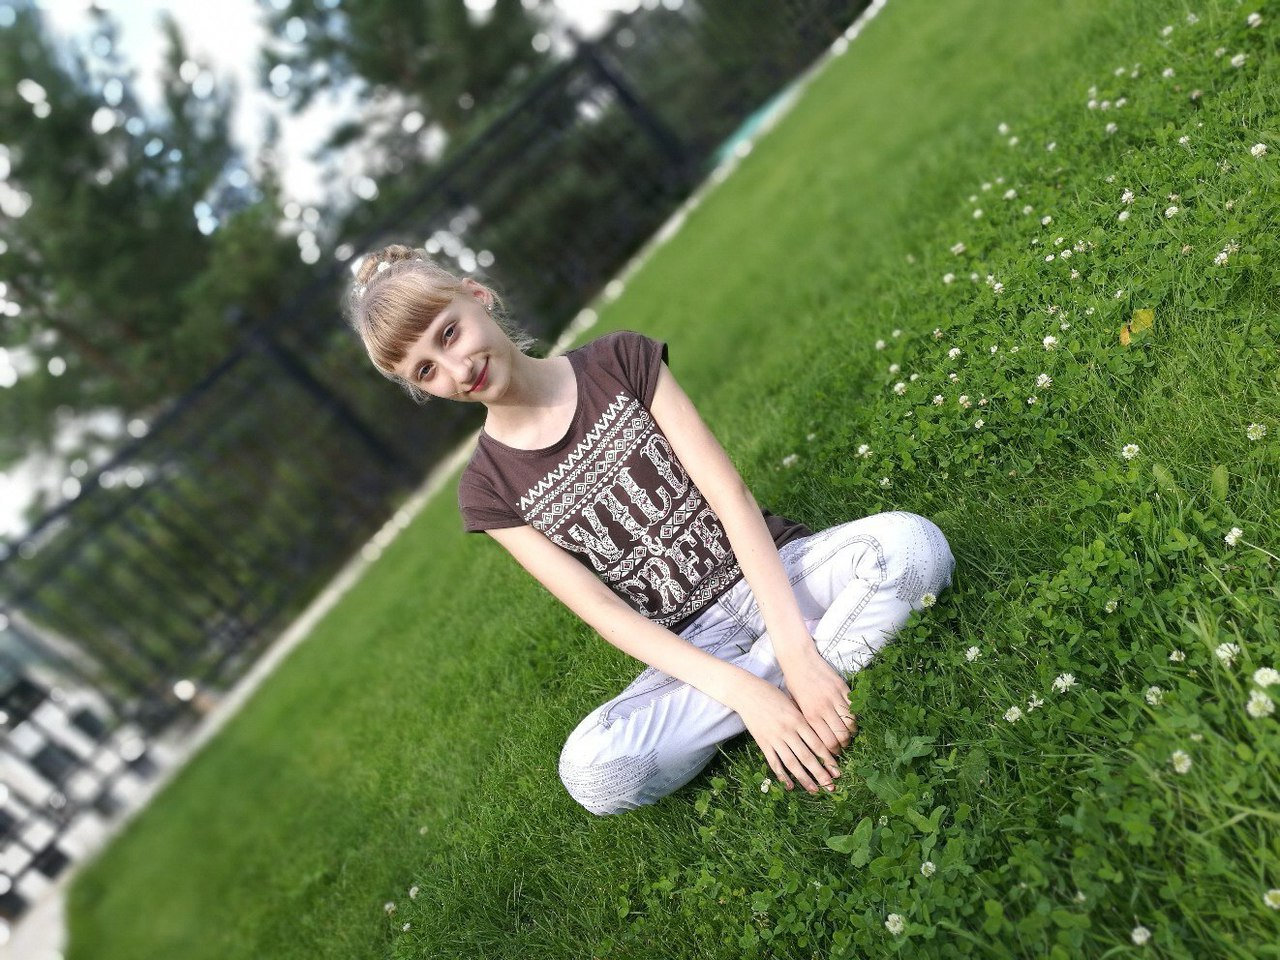 Ксения Сухина, Златоуст - фото №1